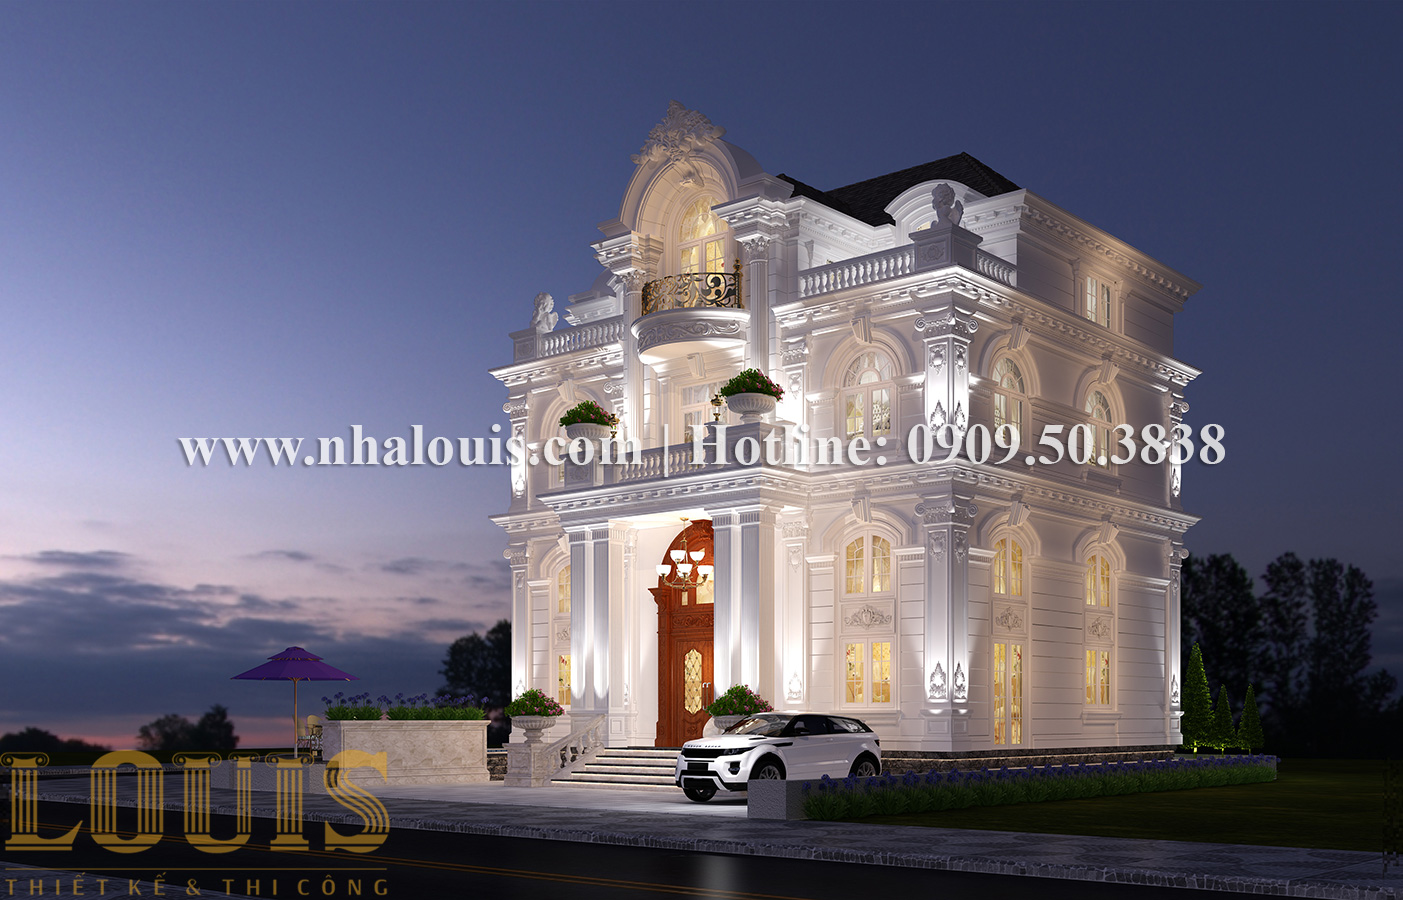 Thiết kế mẫu biệt thự kiểu Pháp 4 tầng tại Quận 9 đẹp kiêu sa - 03